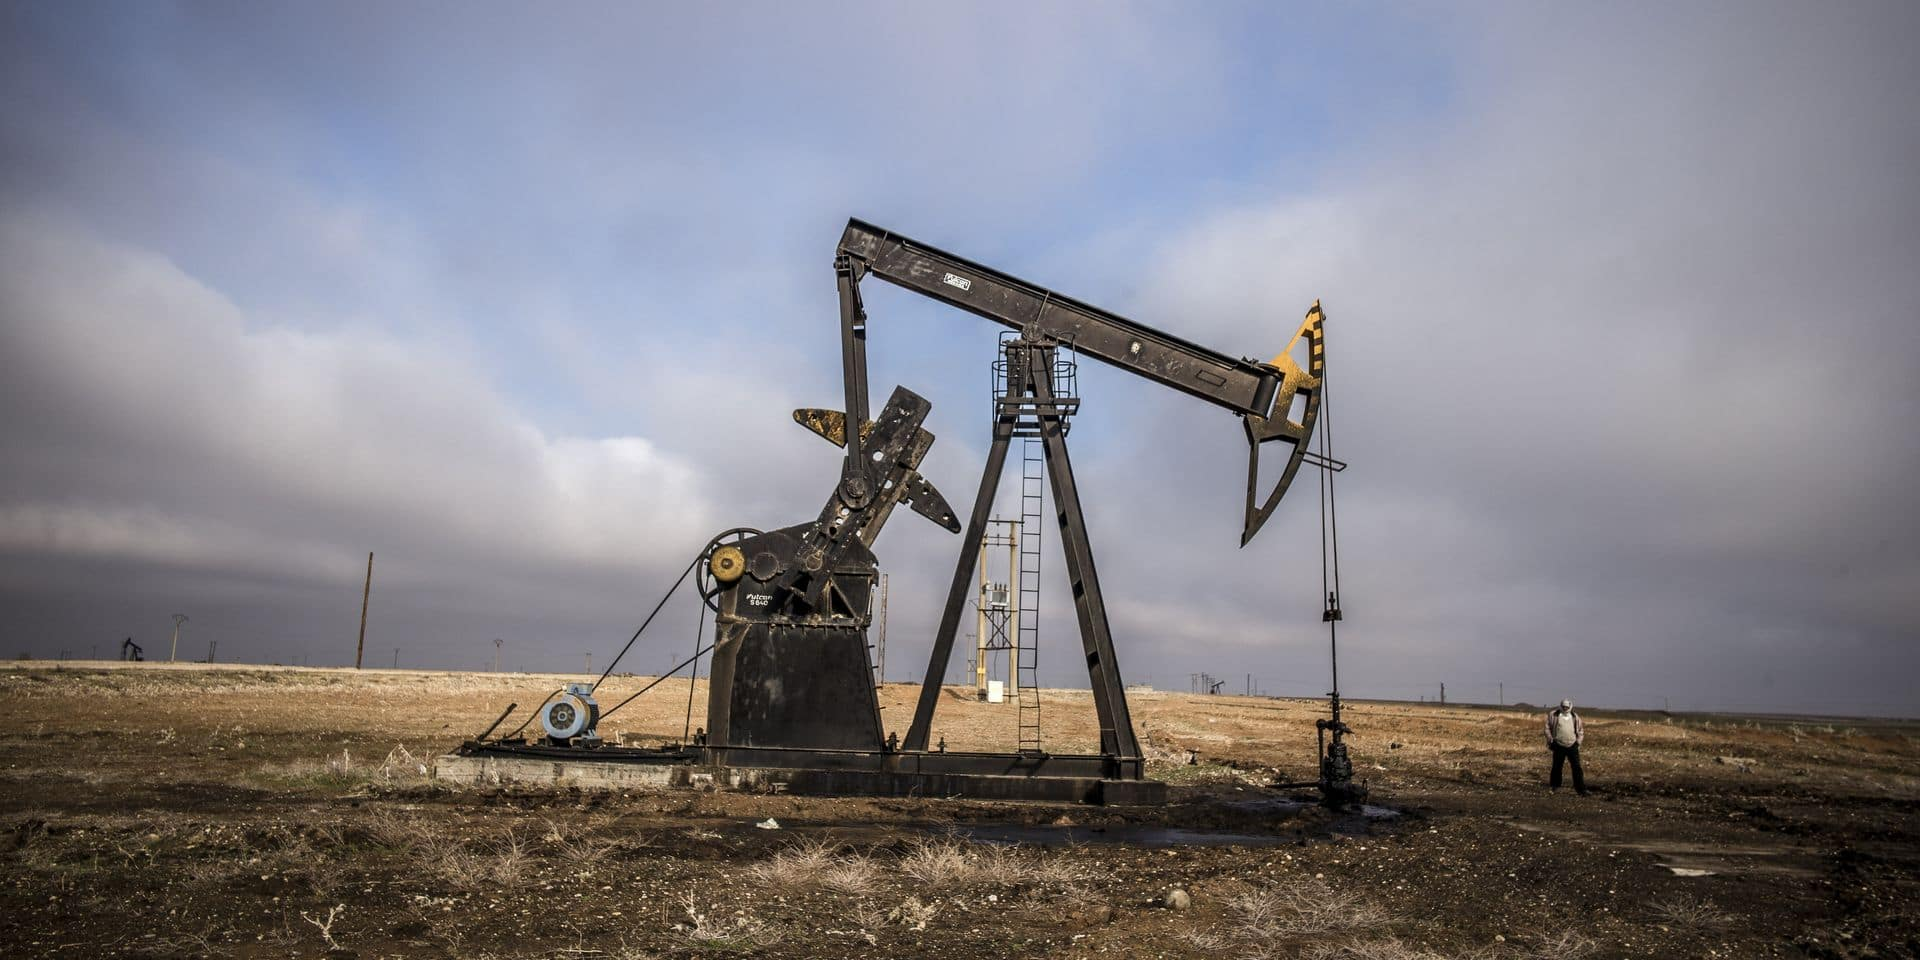 L'affaire Khashoggi peut-elle provoquer une crise pétrolière?